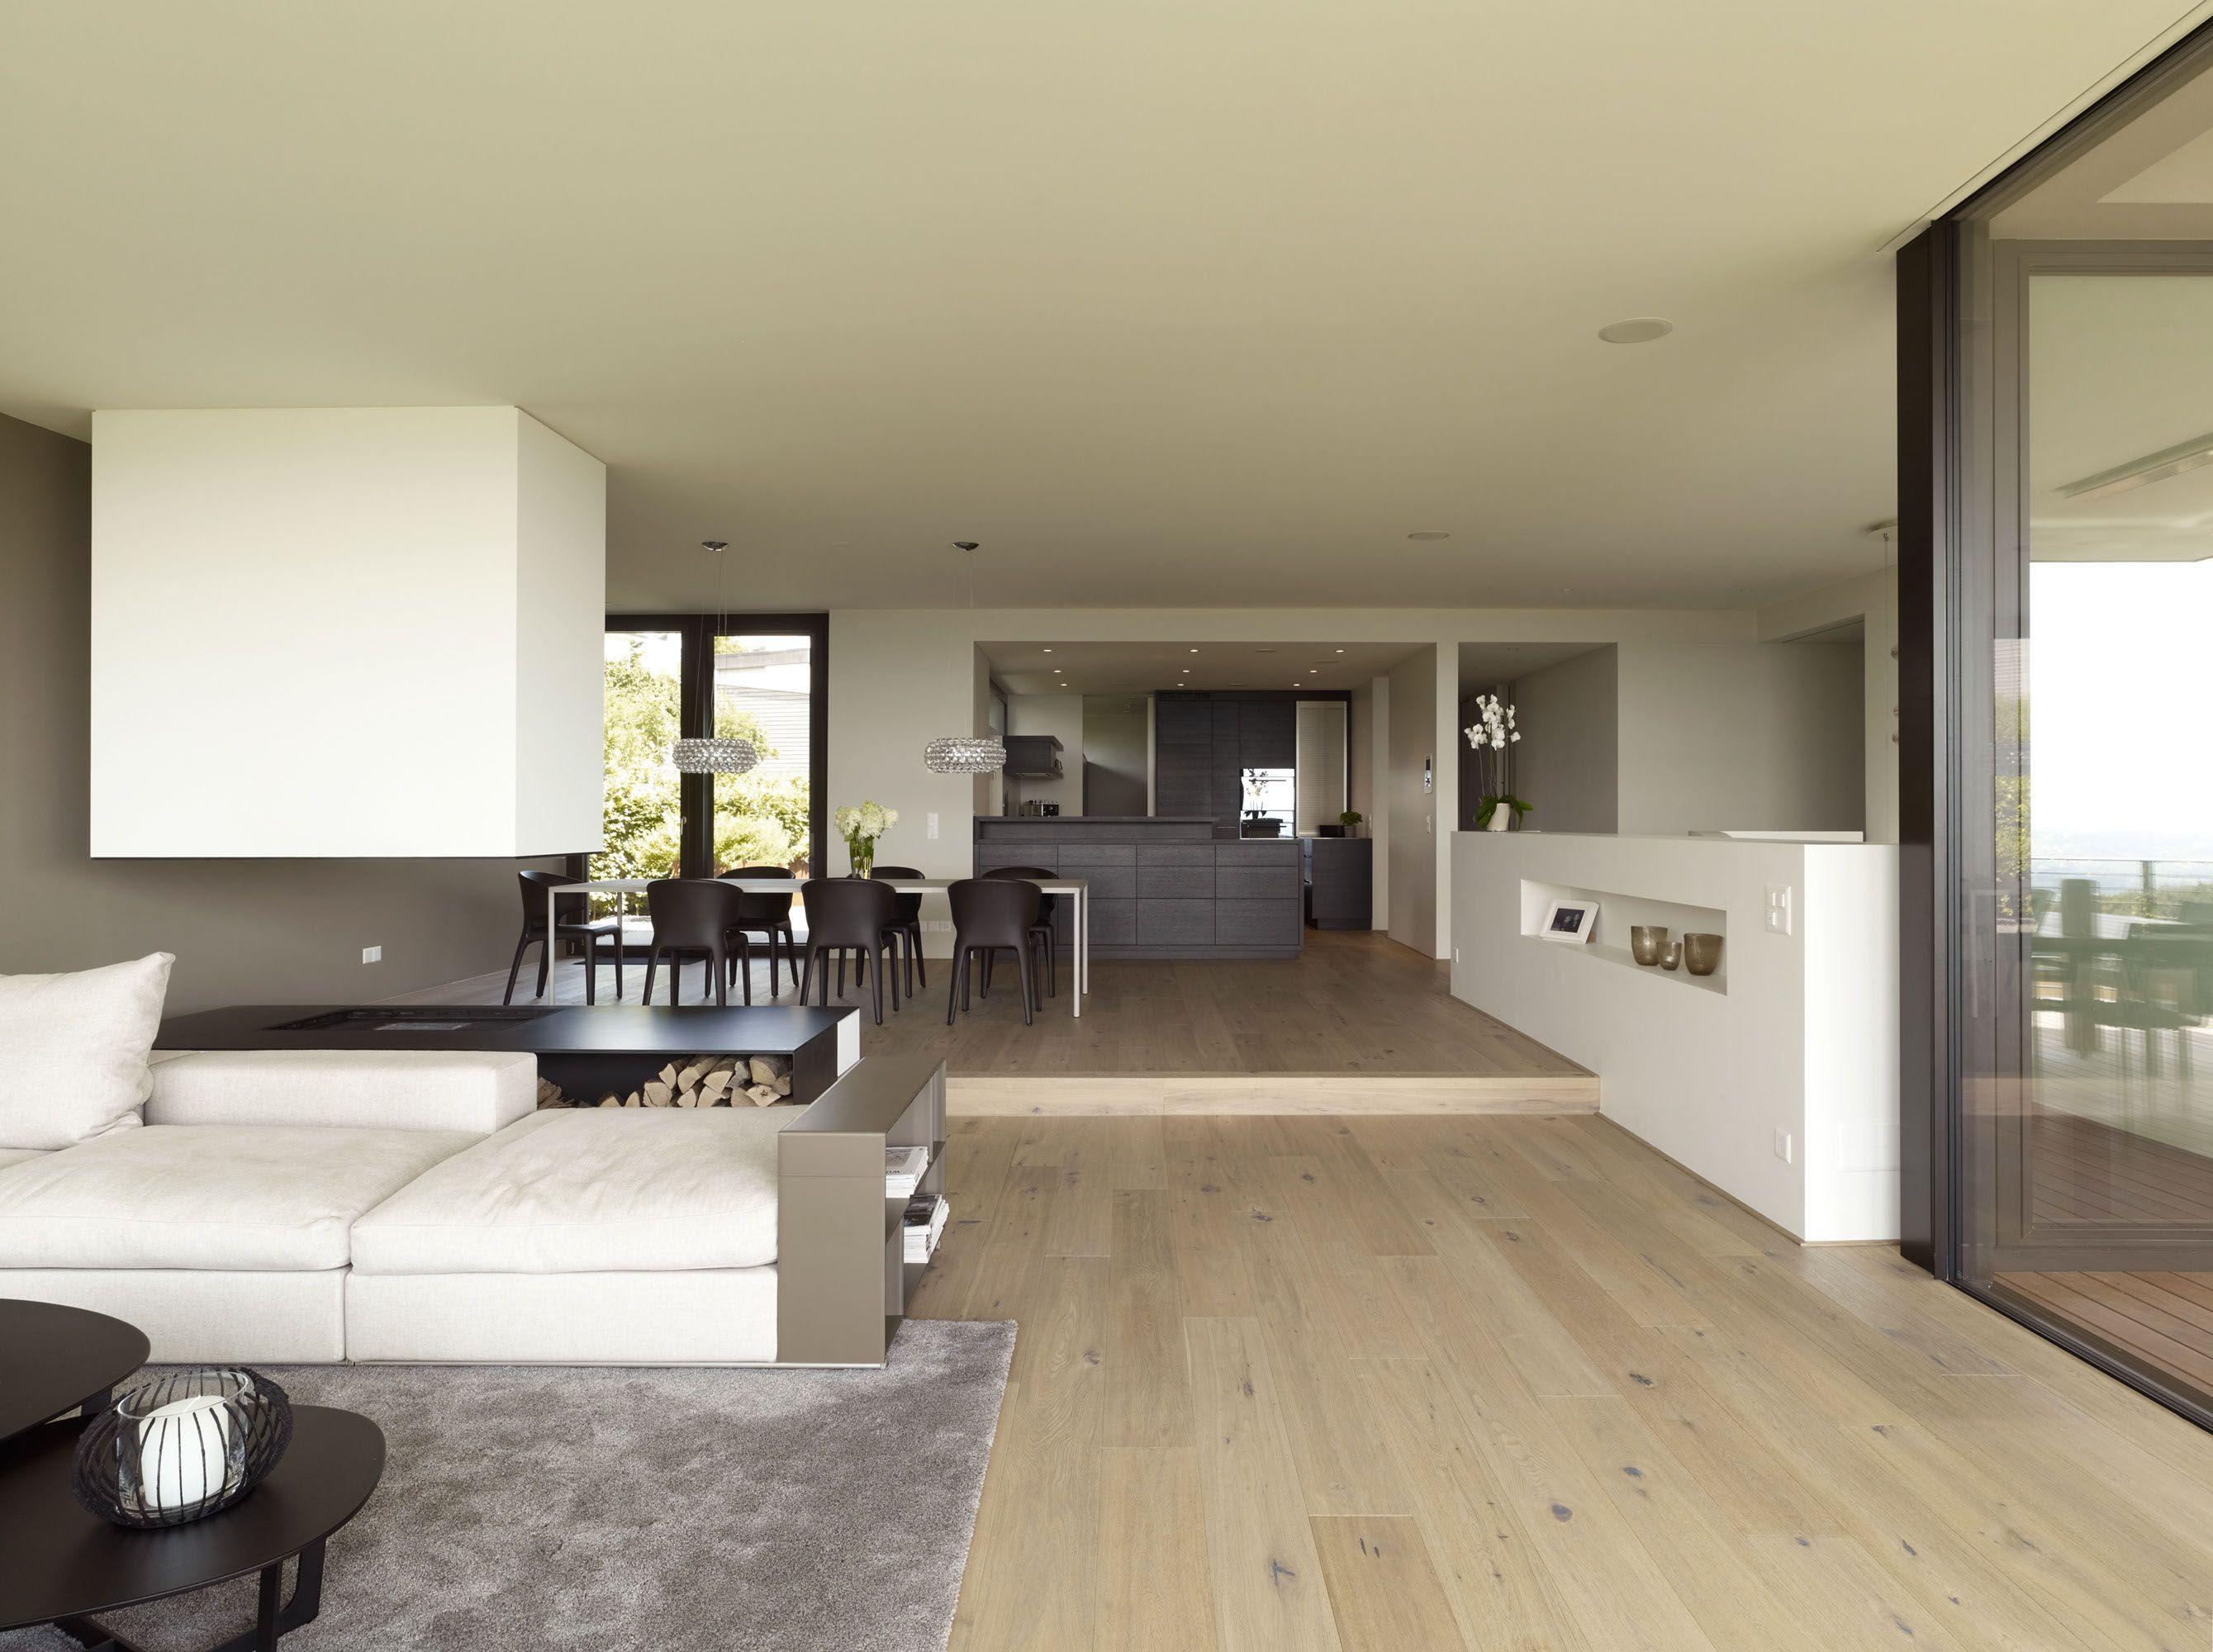 Meier architekten - Property 329